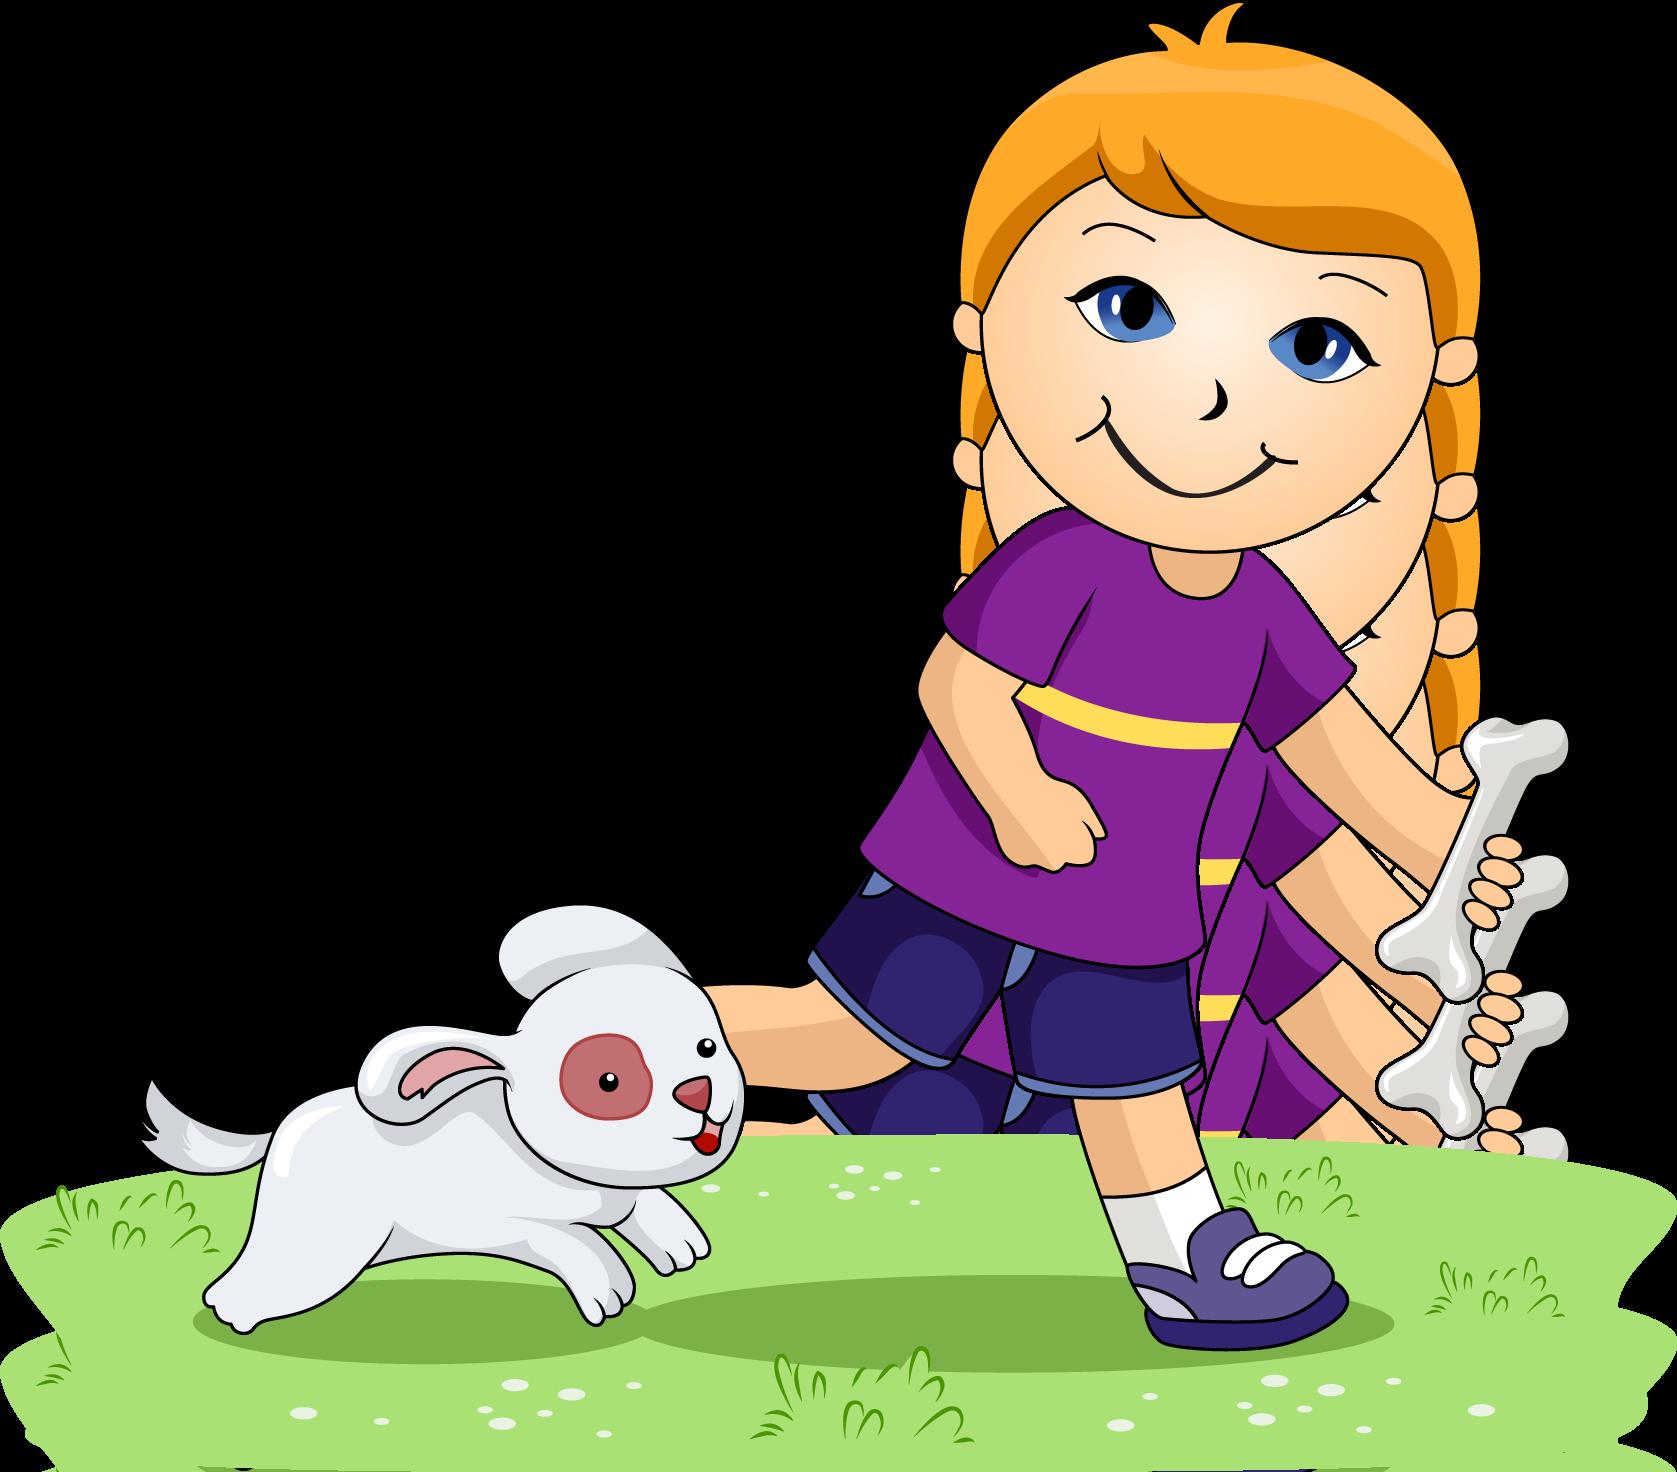 Animal Clip Art For Children - ClipArt Best